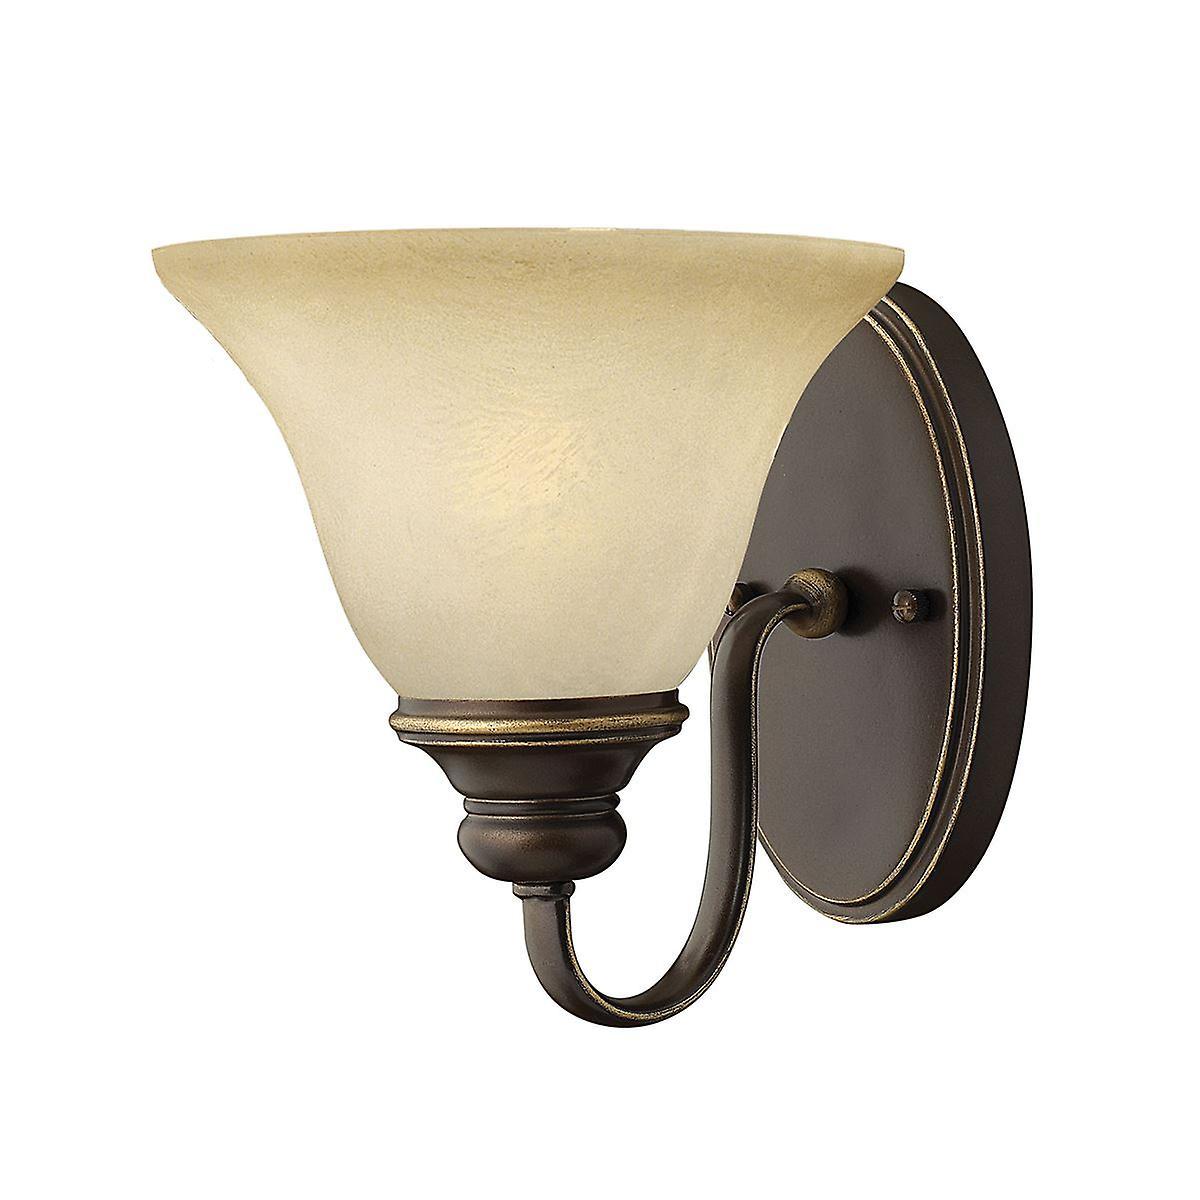 Elstead - 1 Light Indoor Wall Light Antique Bronze - HK/CELLO1